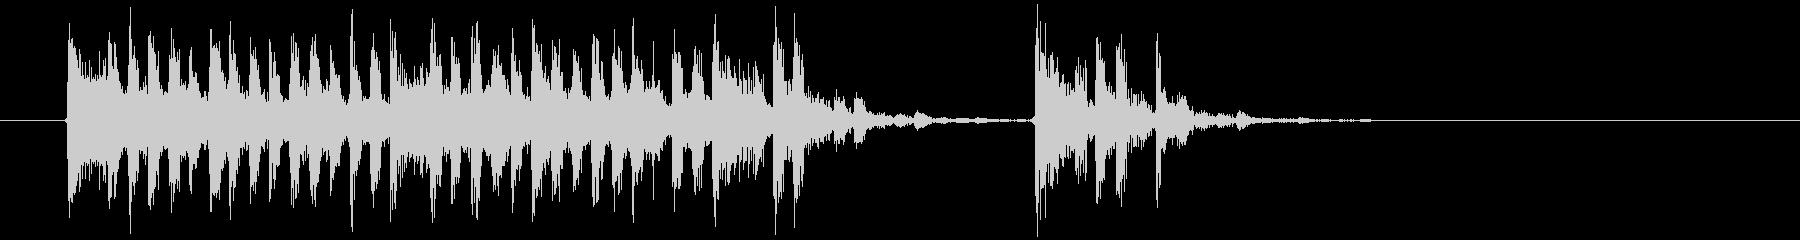 幻想的でミステリアスな音楽の未再生の波形